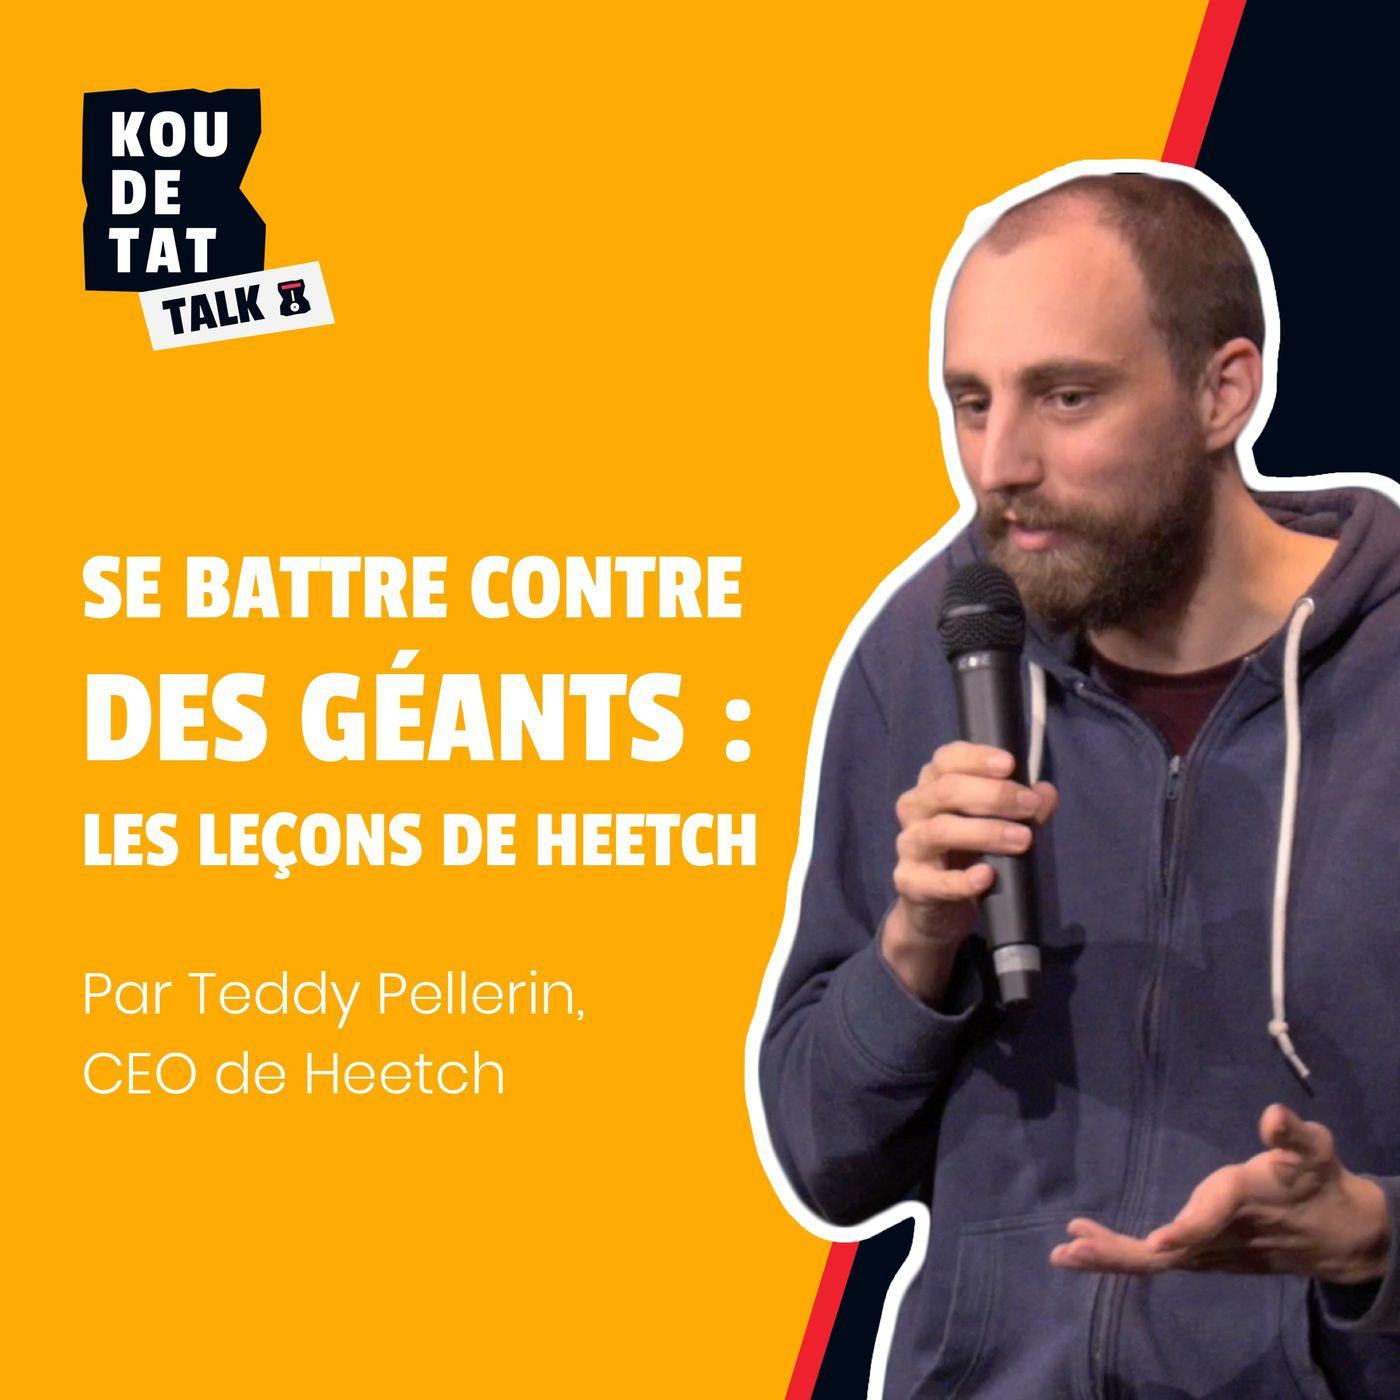 Se battre face à des géants, les leçons de Heetch, par Teddy Pellerin CEO de Heetch